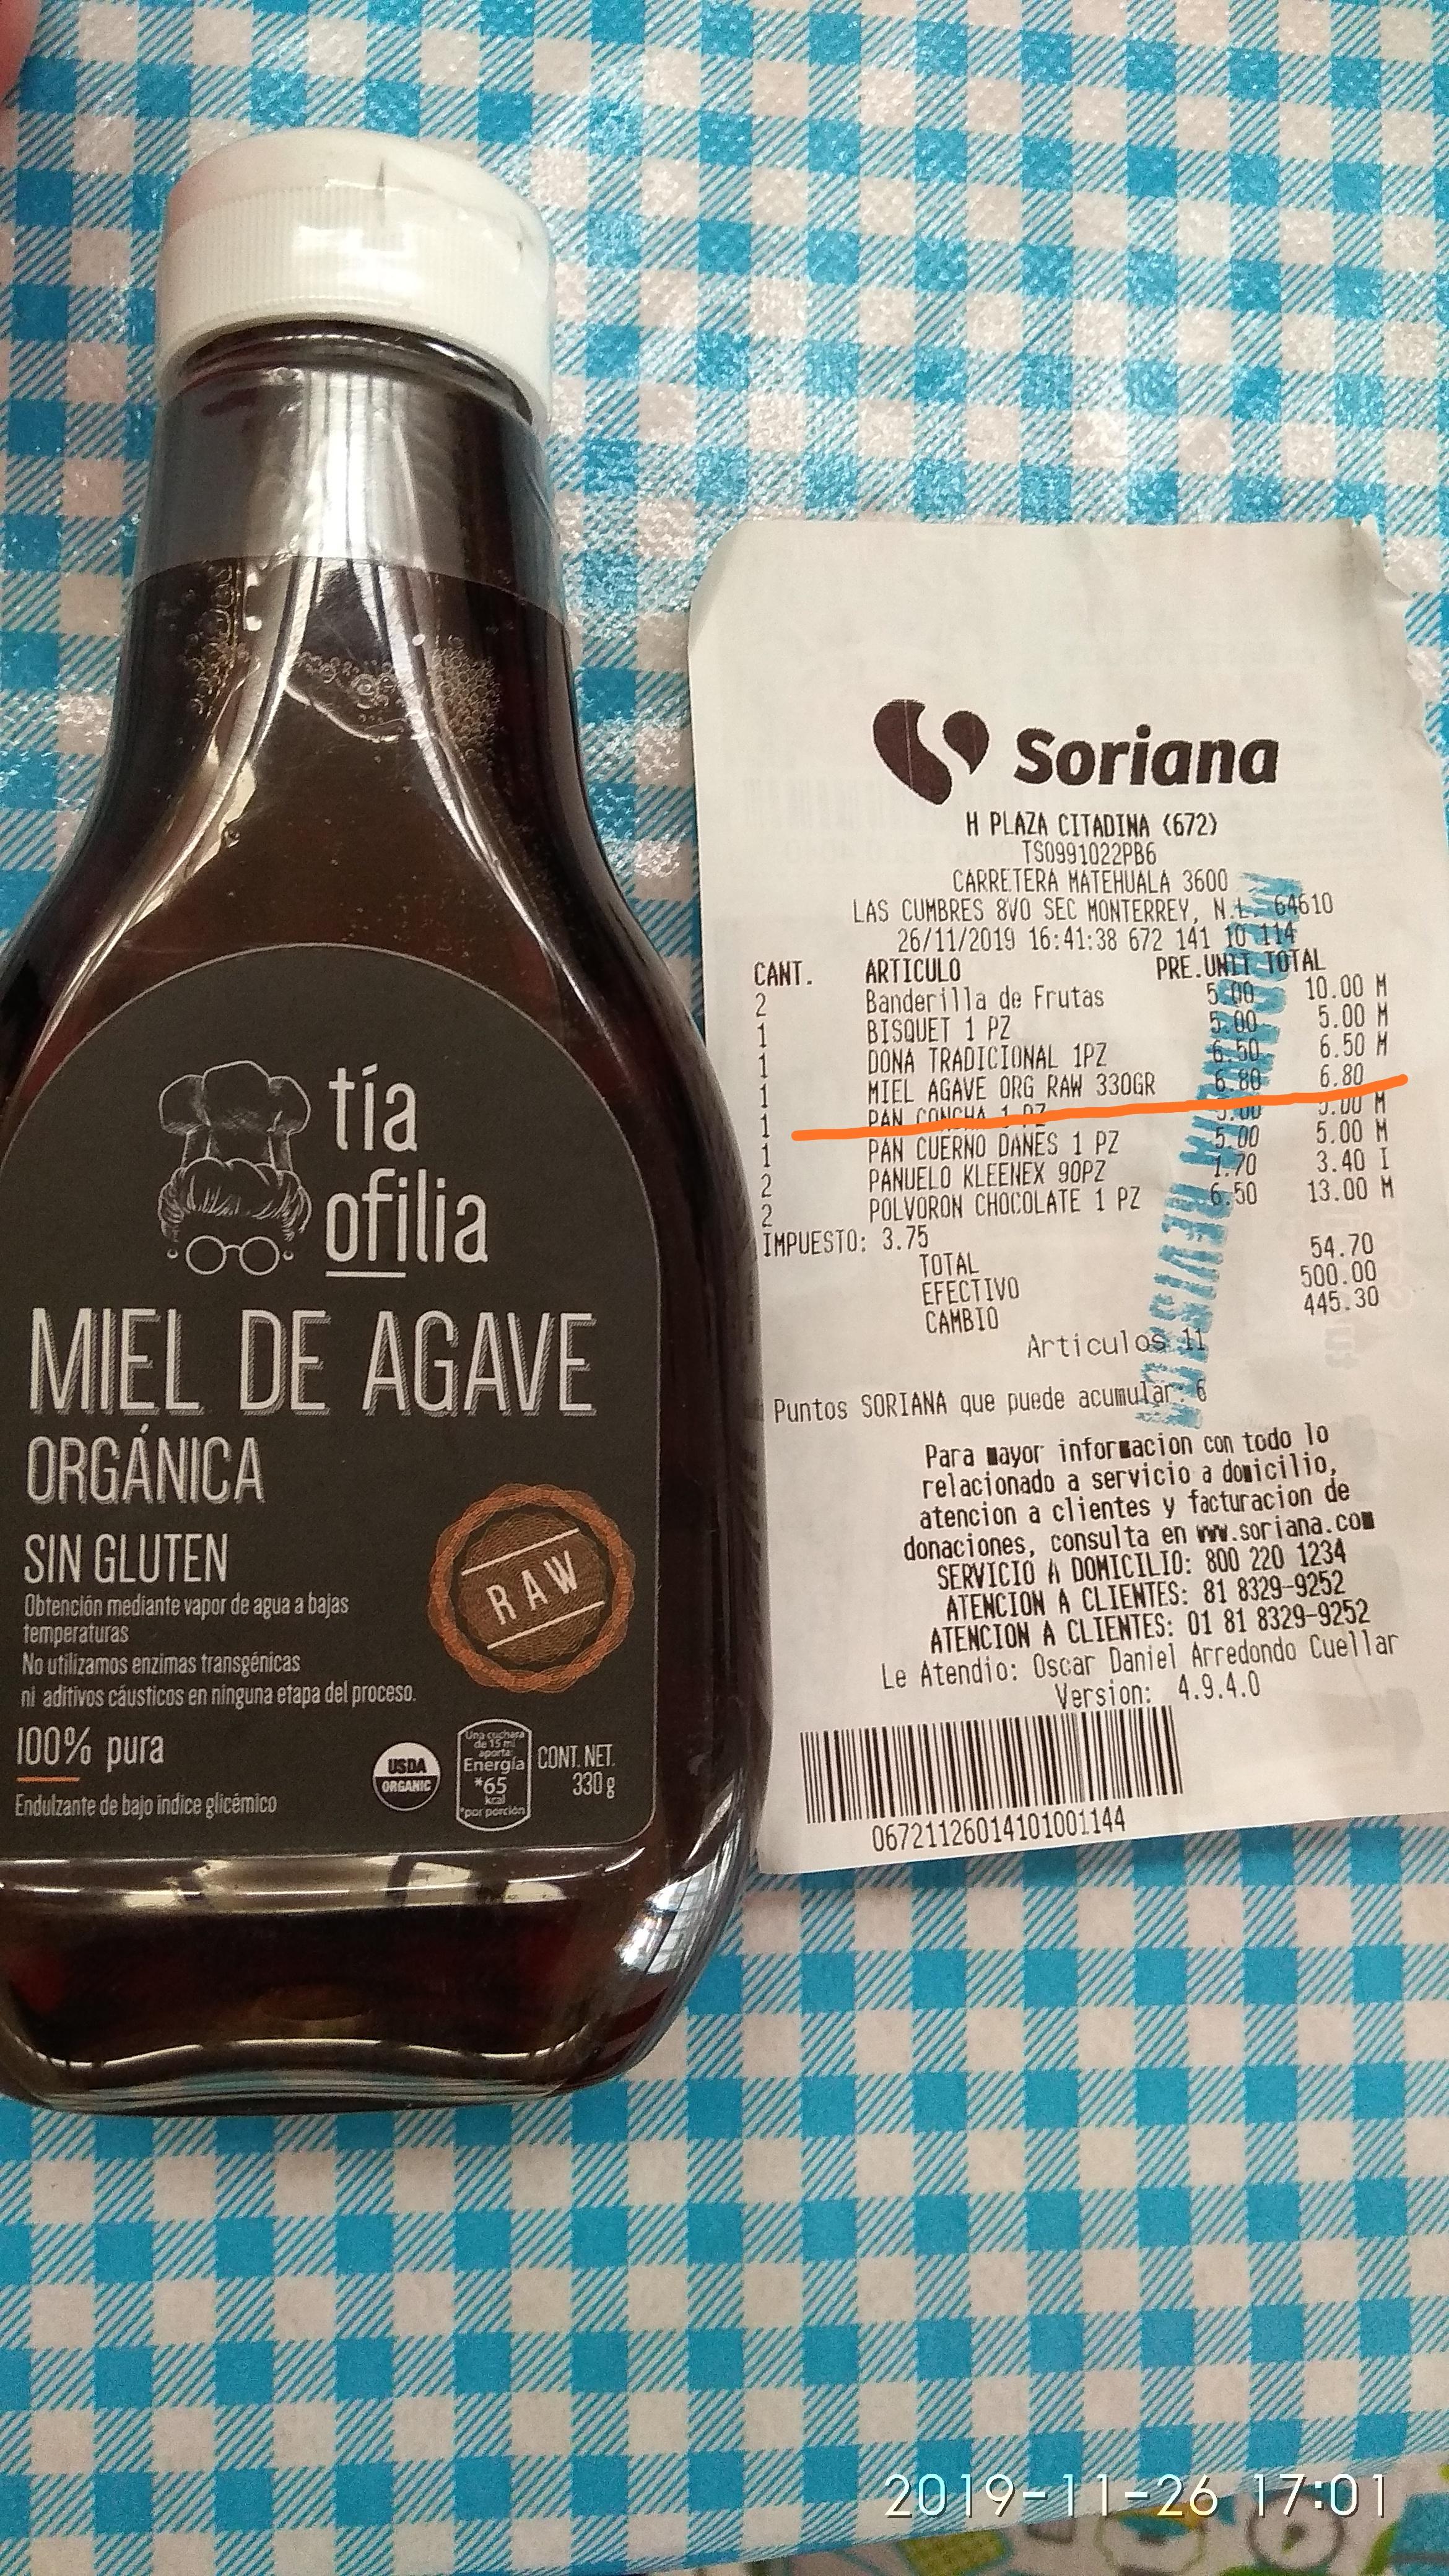 Soriana HIPER CITADINA , S. L. P.: Miel de agave